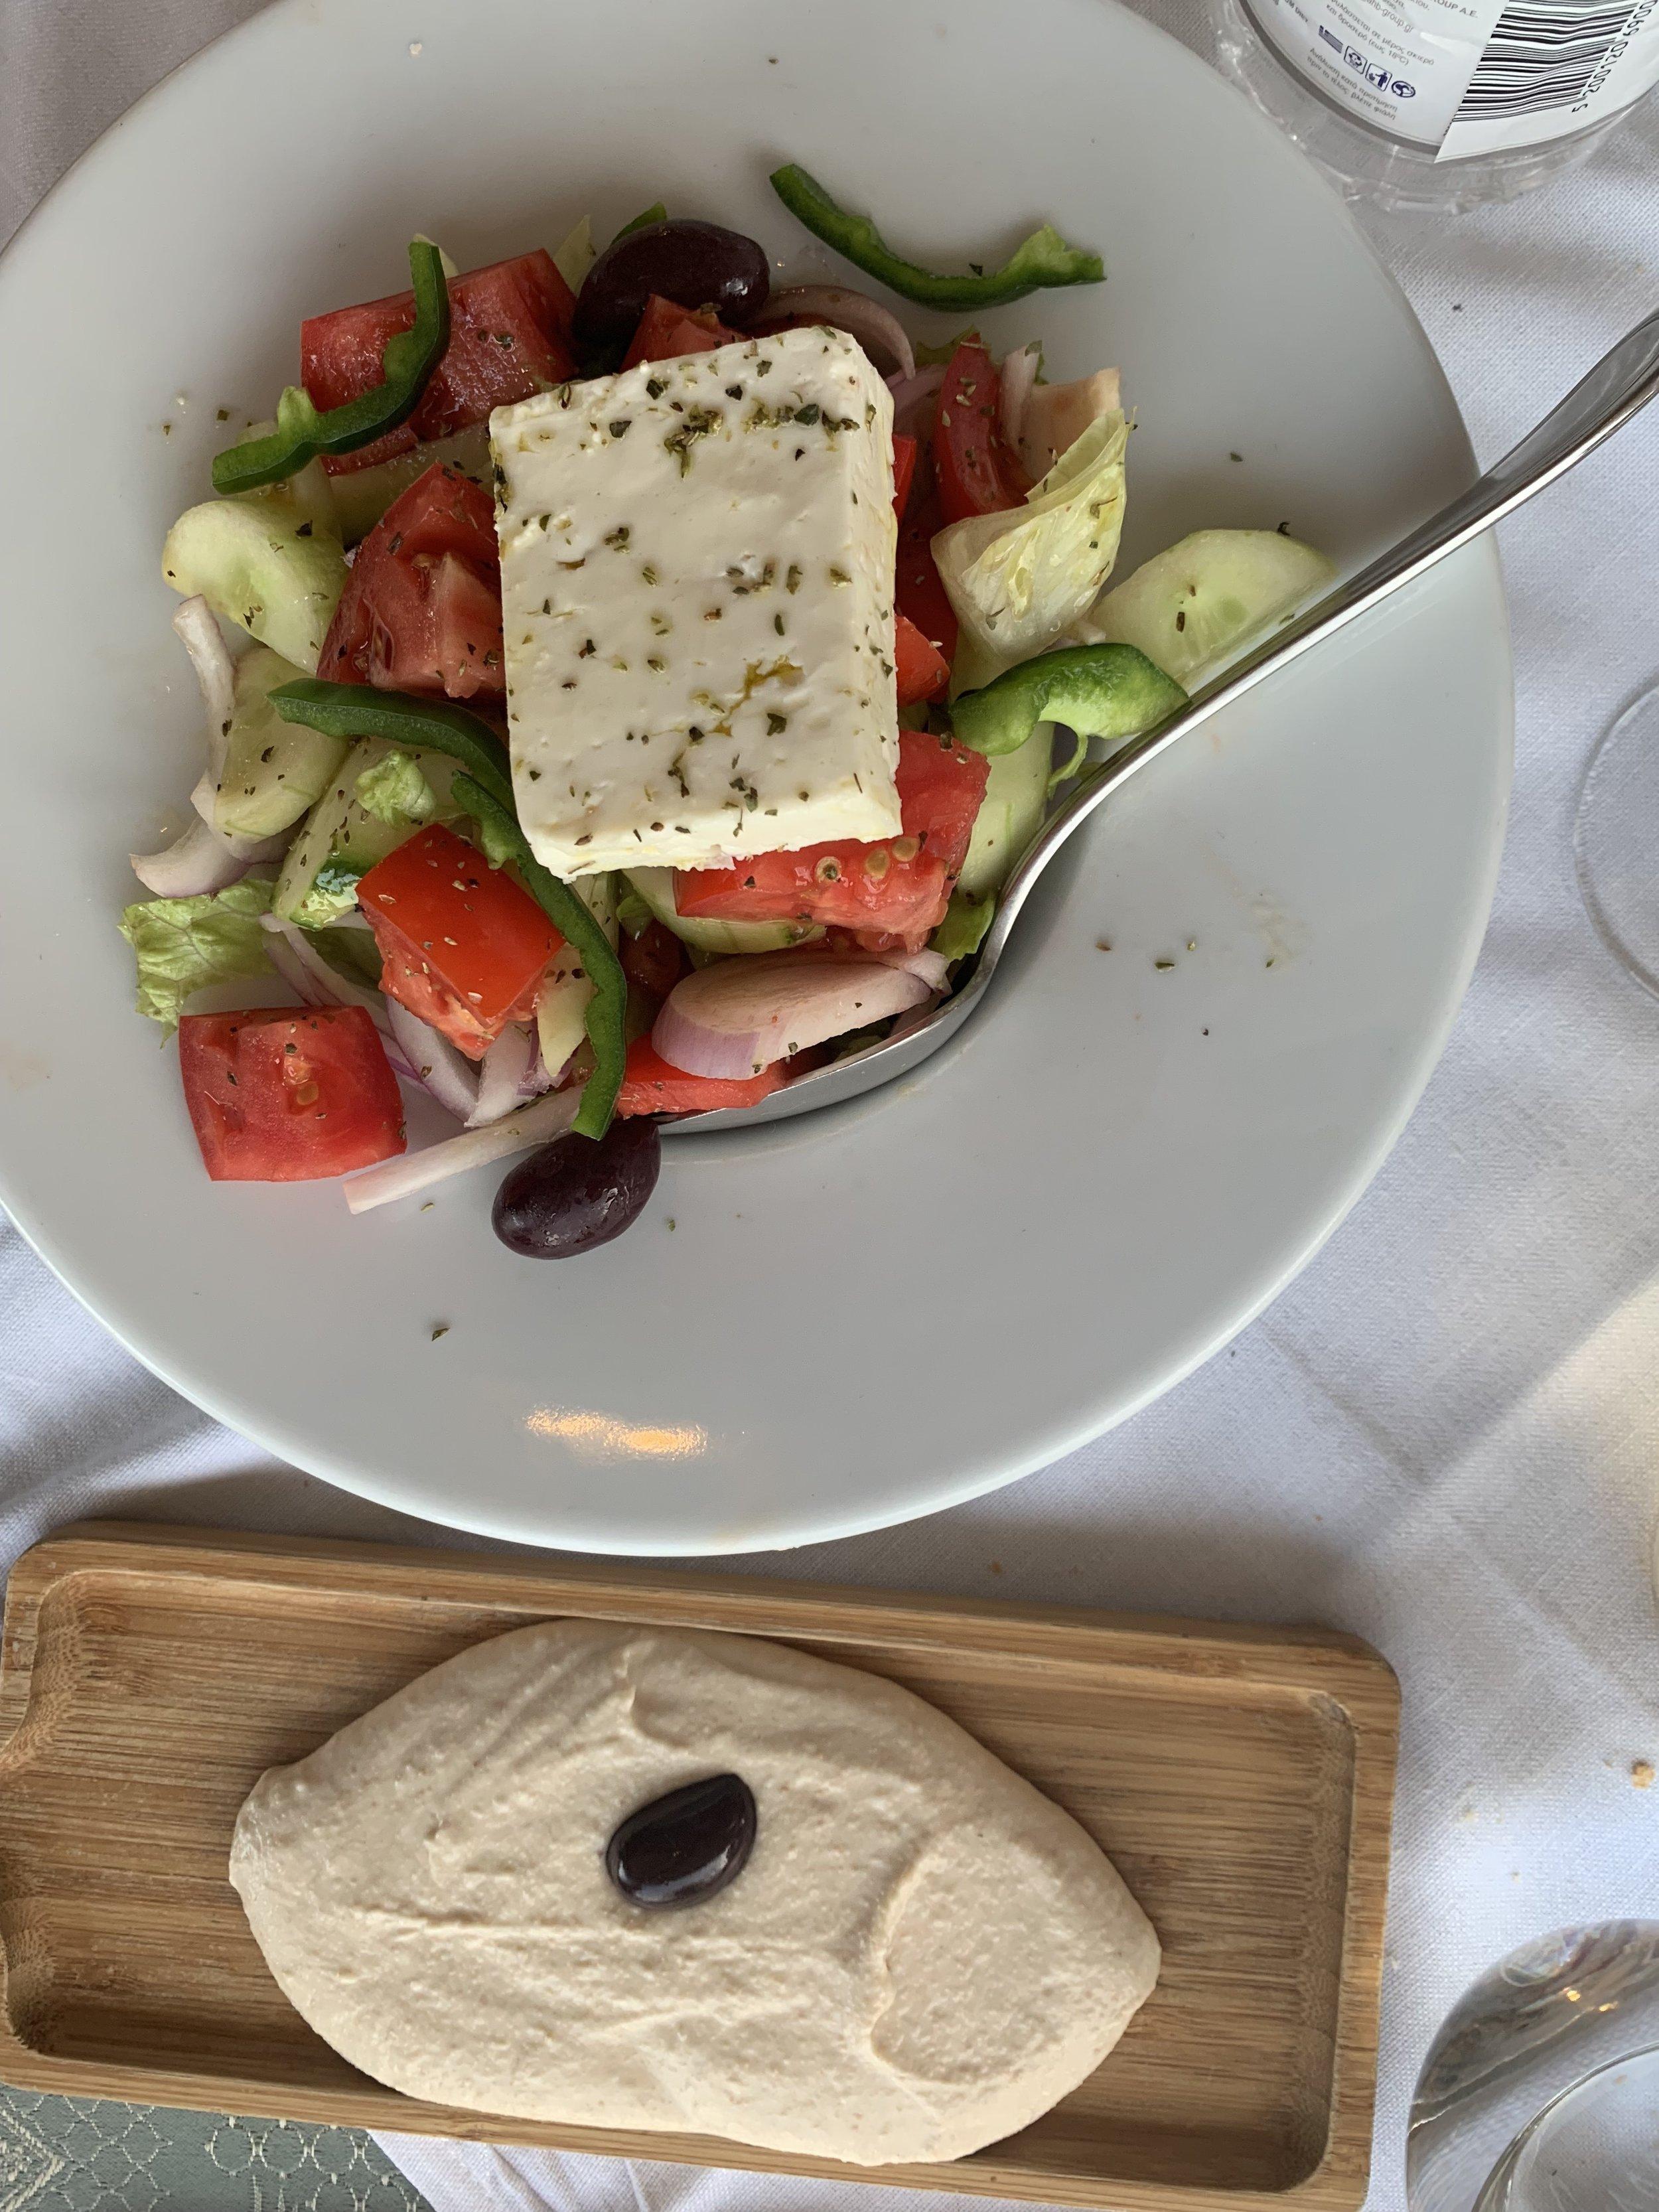 Greek salad and taramasalata.